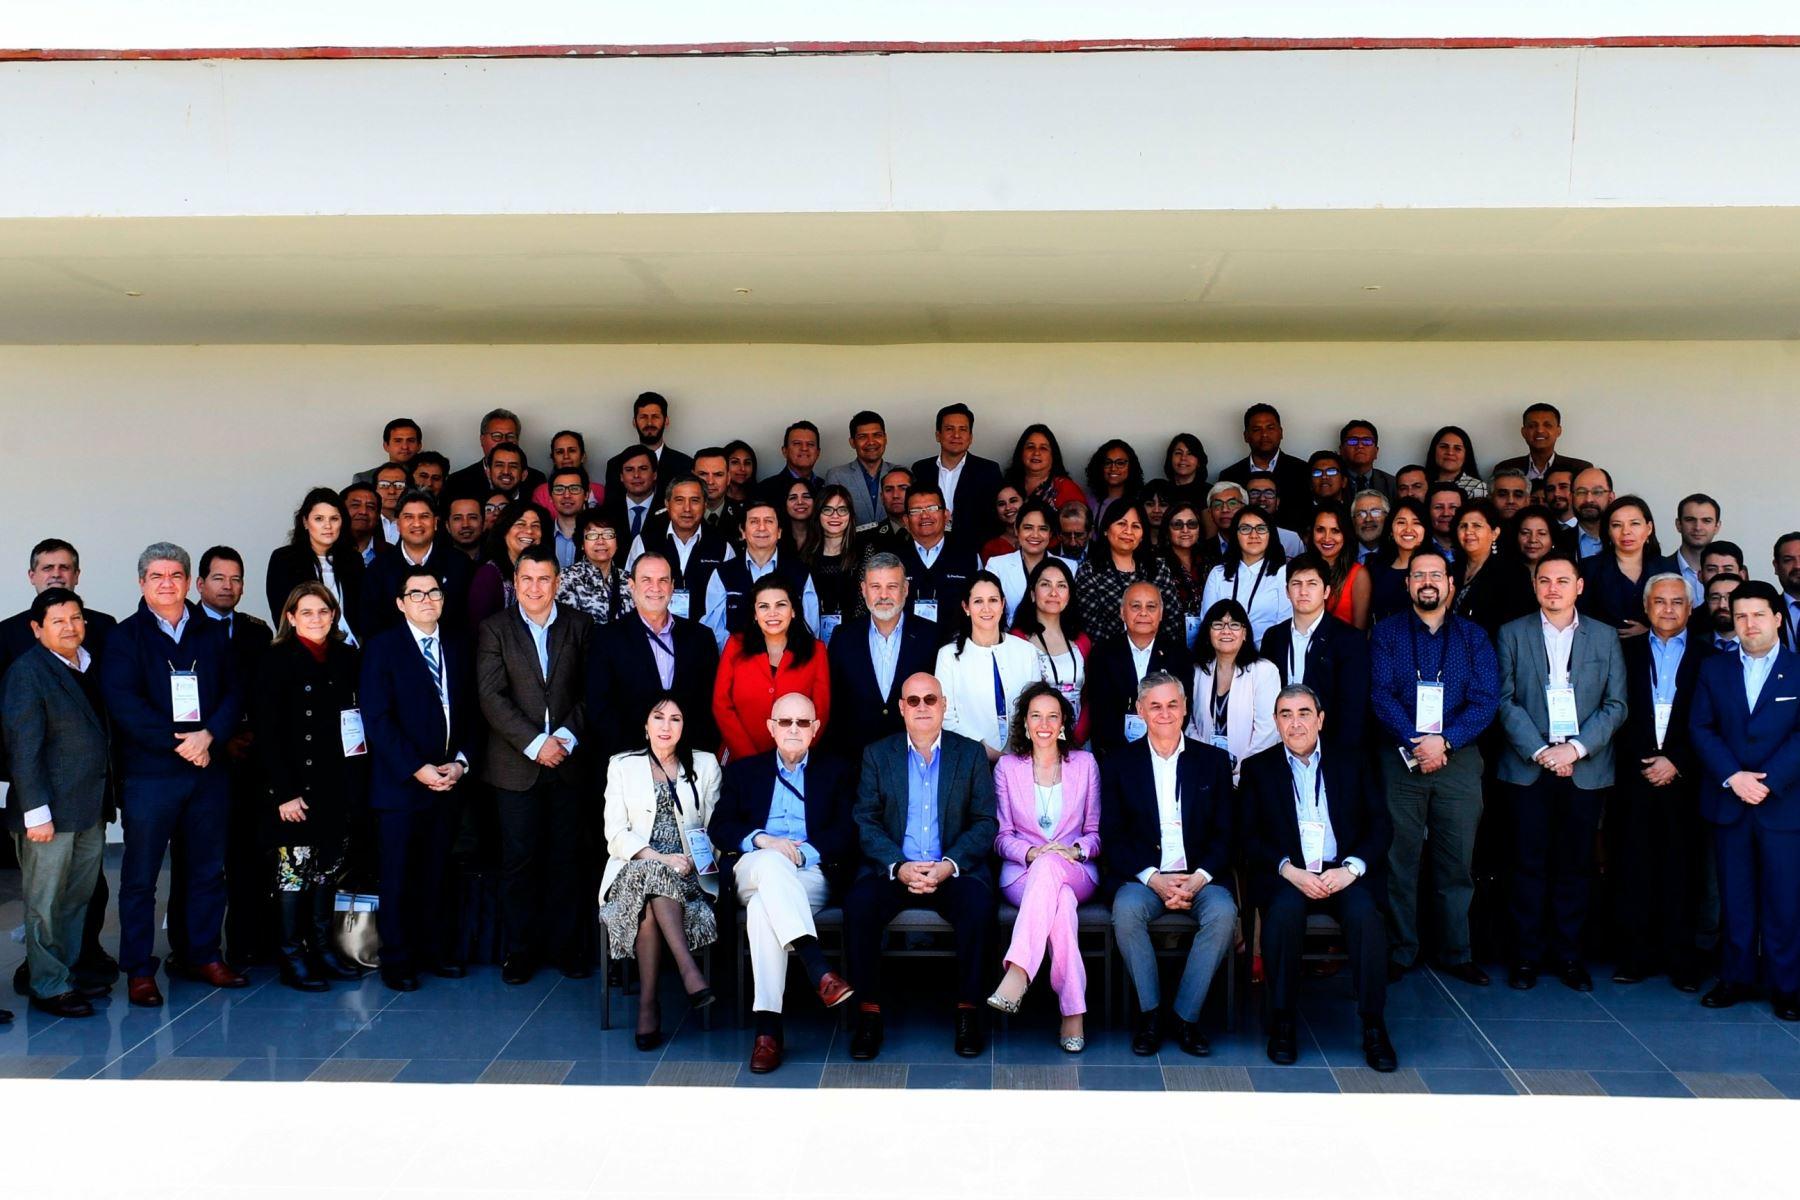 Fotografia de los funcionrios que concluyen las reuniones de los ejes temáticos, lideradas por los vicecancilleres, previas al Encuentro Presidencial y III Gabinete Binacional que se realiza en Paracas.Foto:ANDINA/MRE